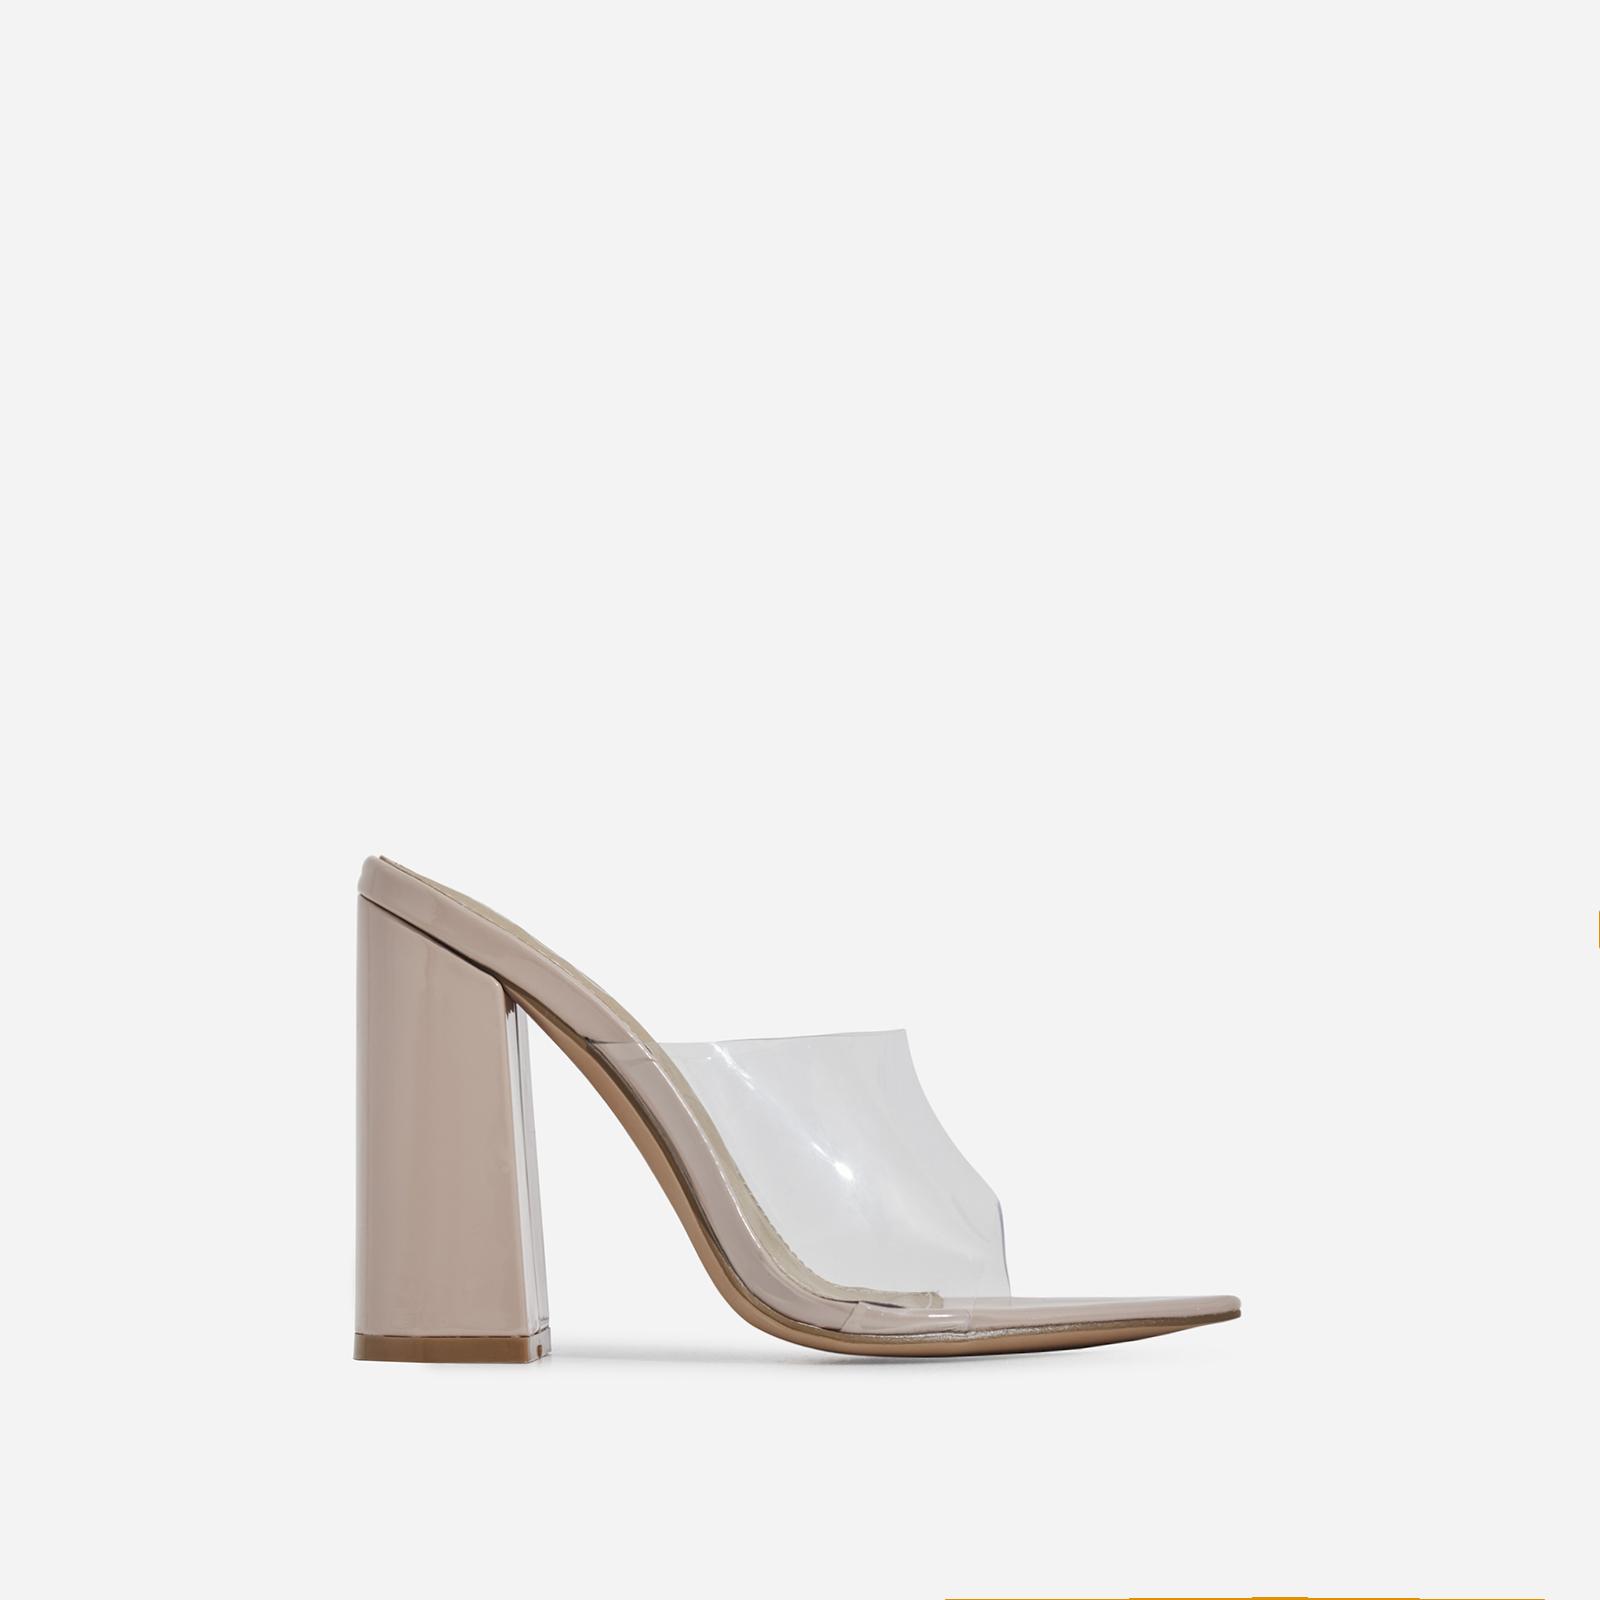 Kelby Pointed Peep Toe Block Heel Mule In Nude Patent